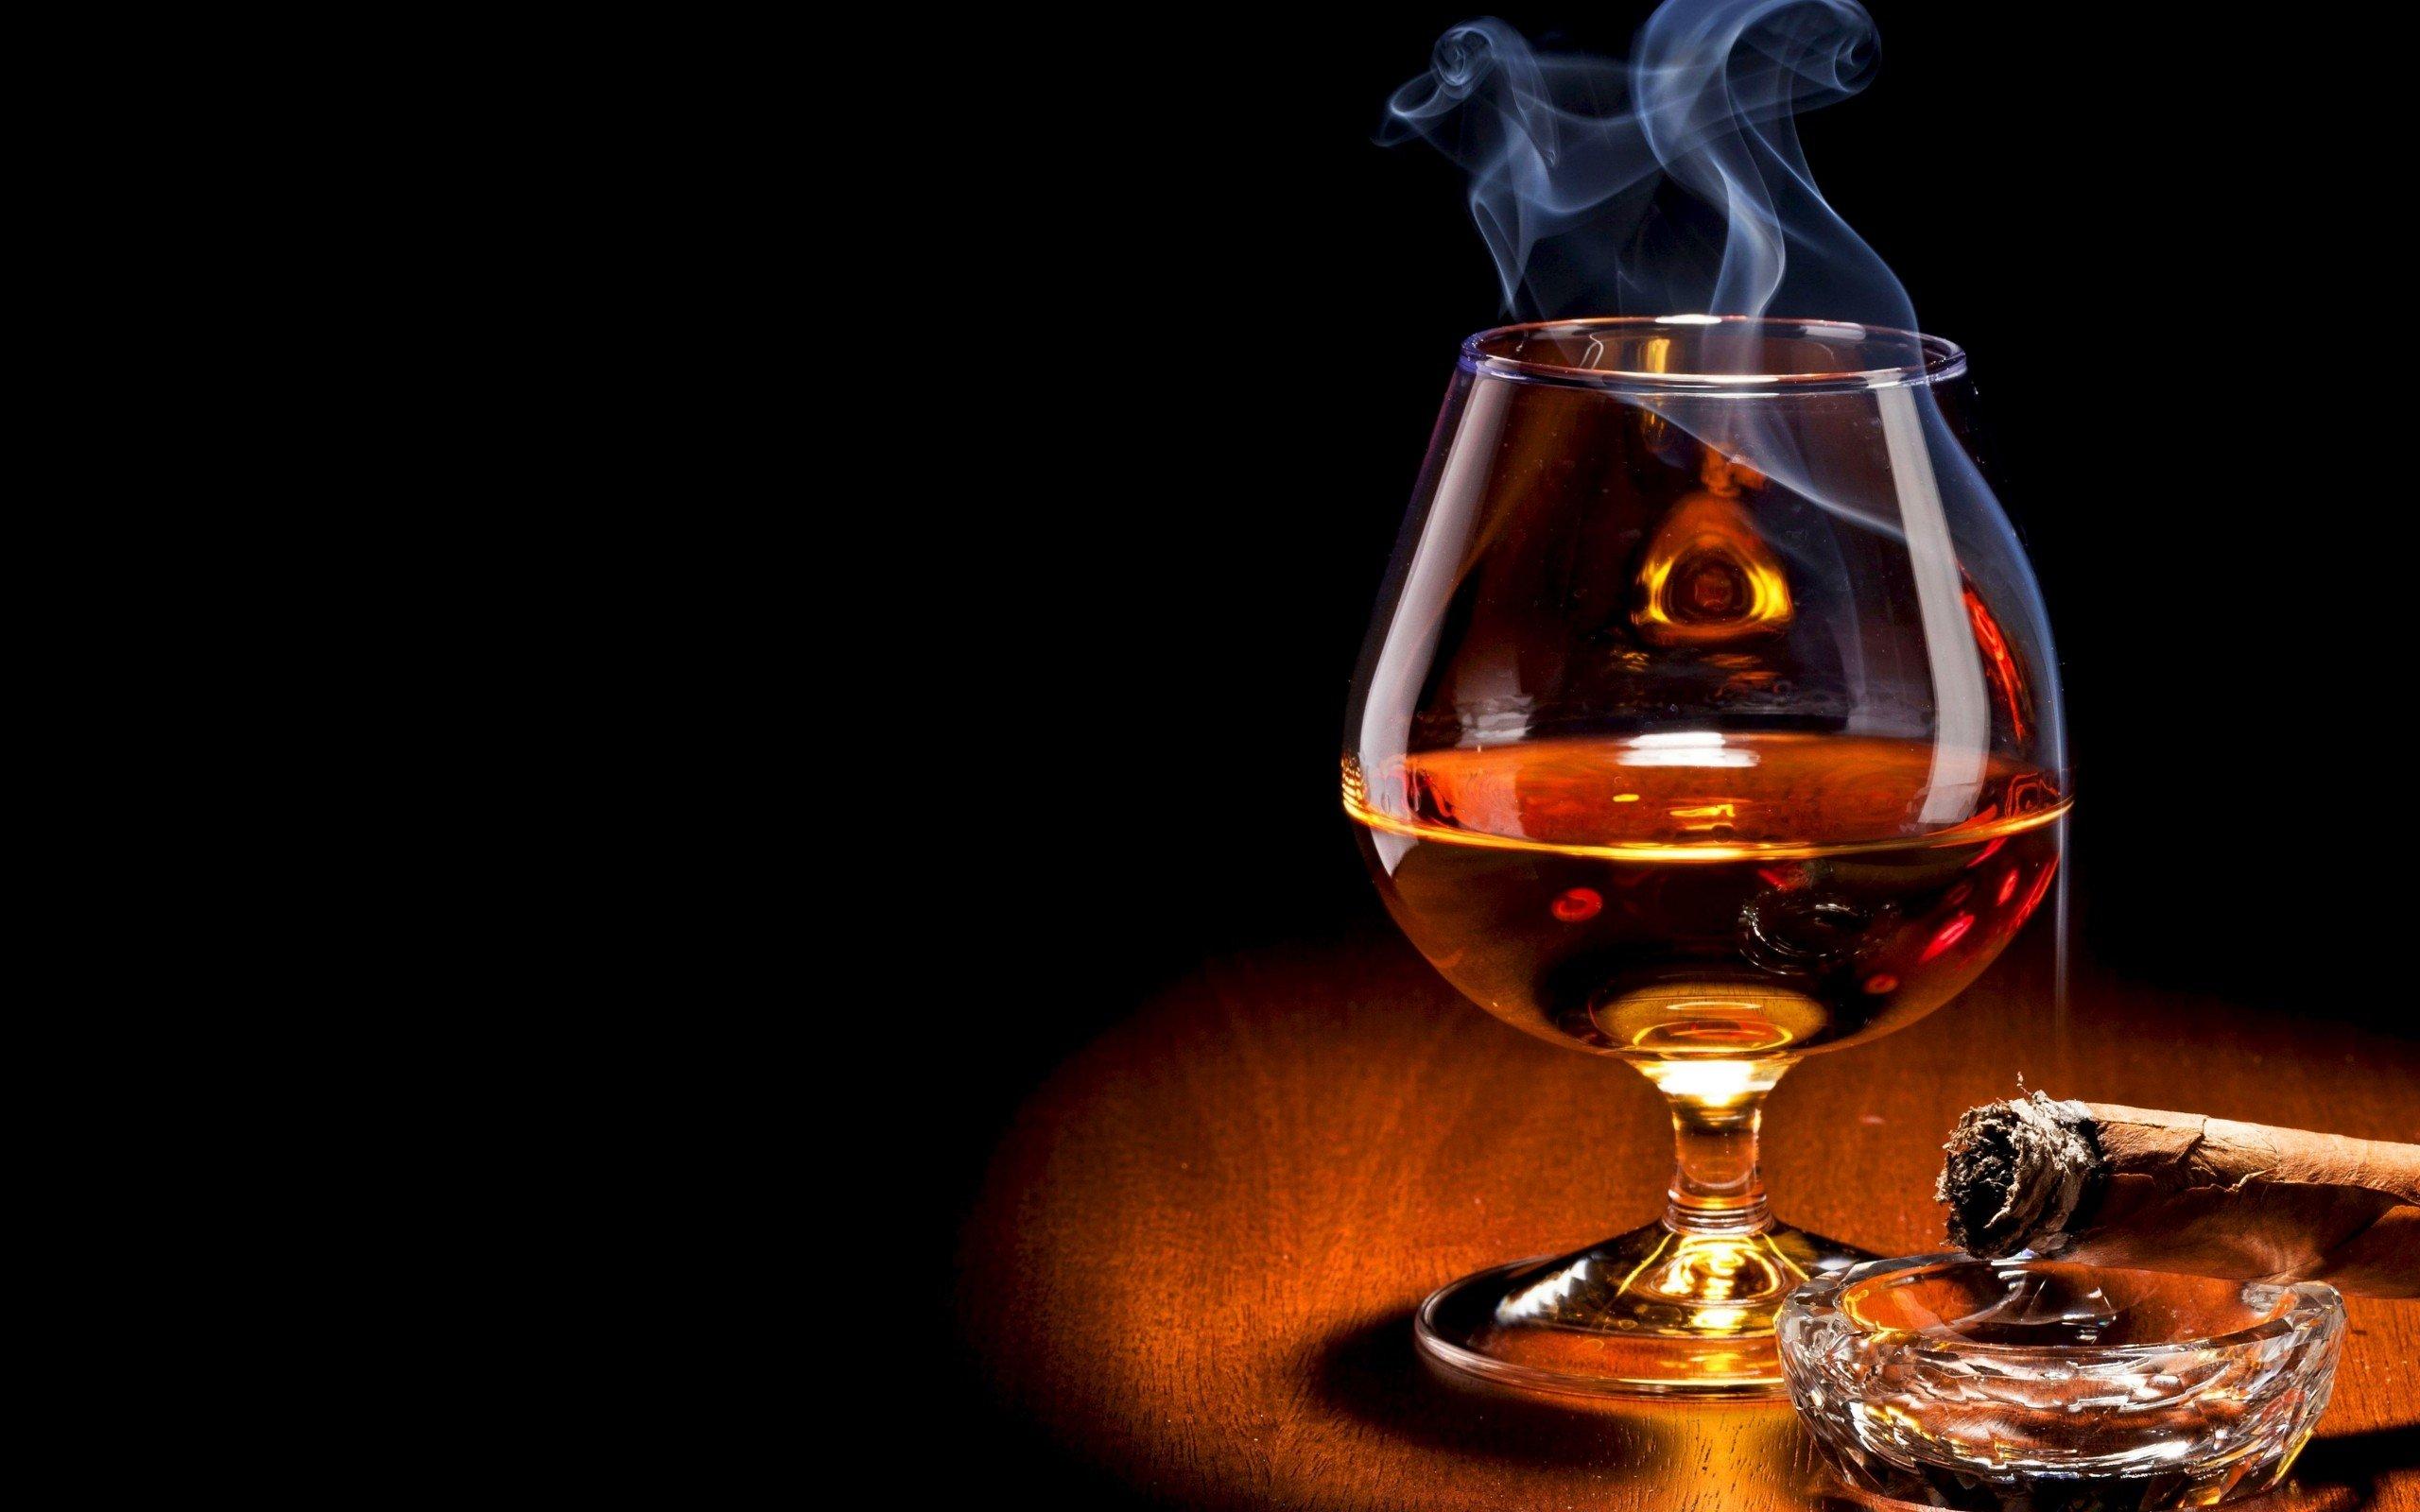 Wallpaper Jack Daniels >> Bourbon Wallpaper - WallpaperSafari